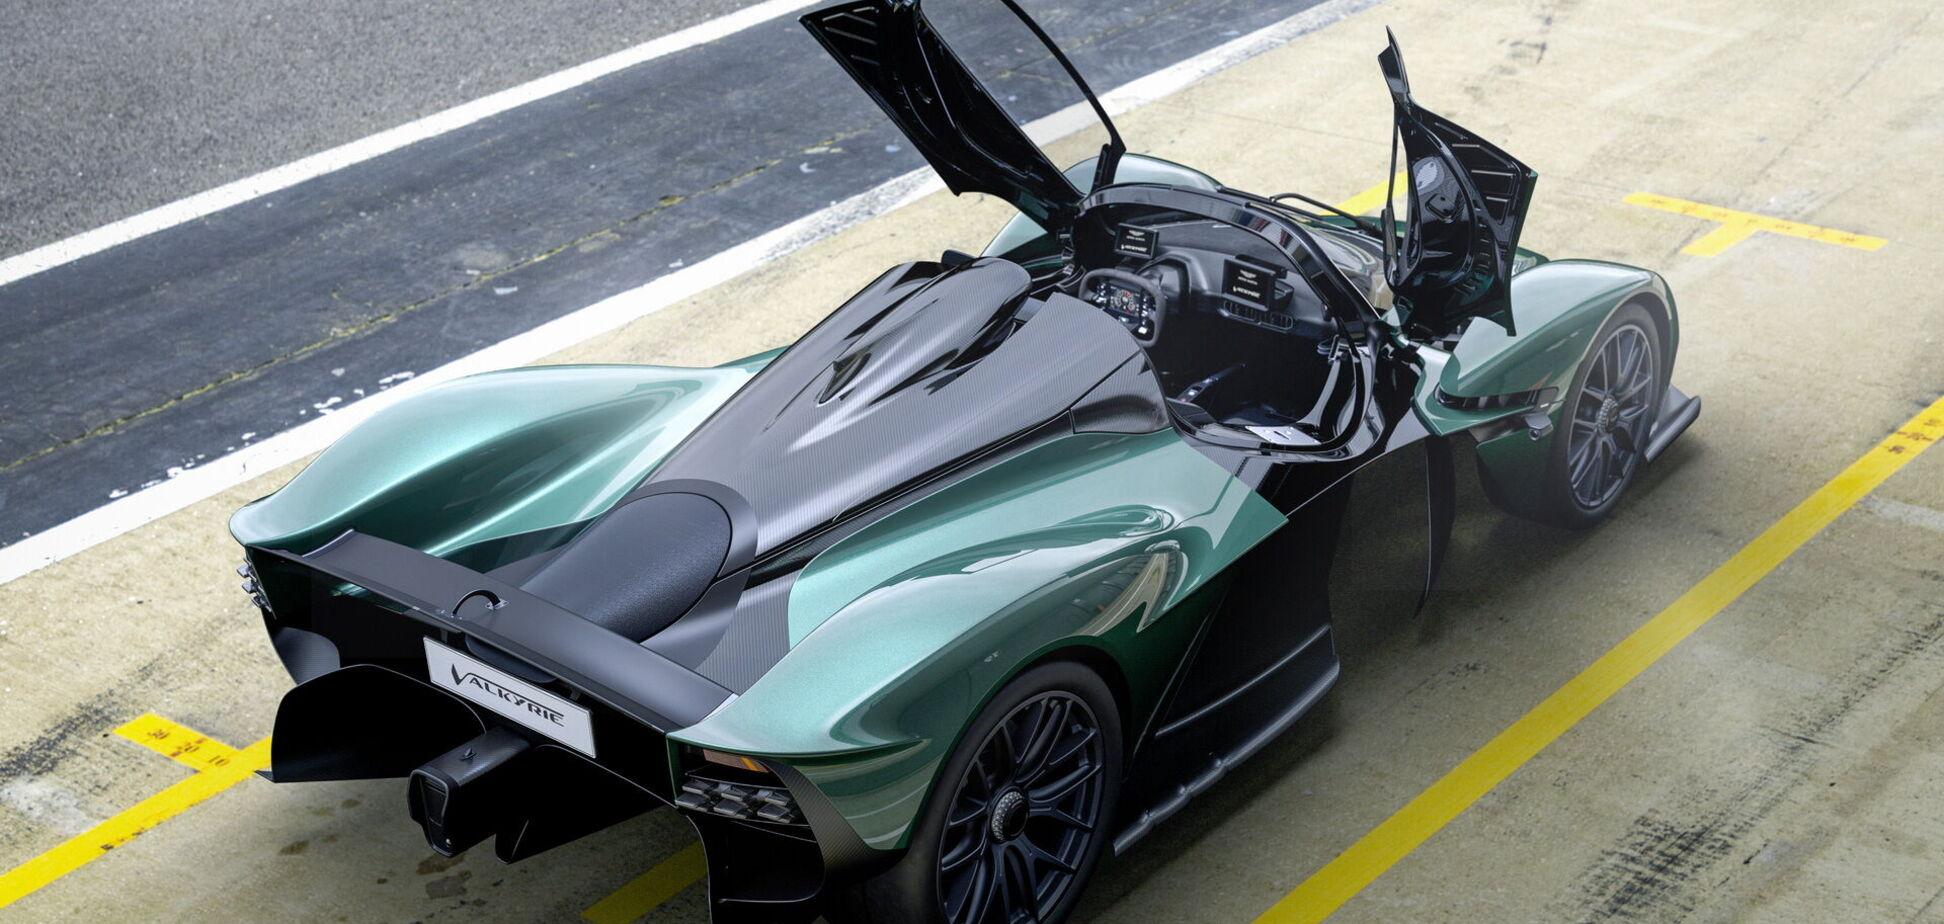 Aston Martin показал двухместный гиперкар Valkyrie Spider